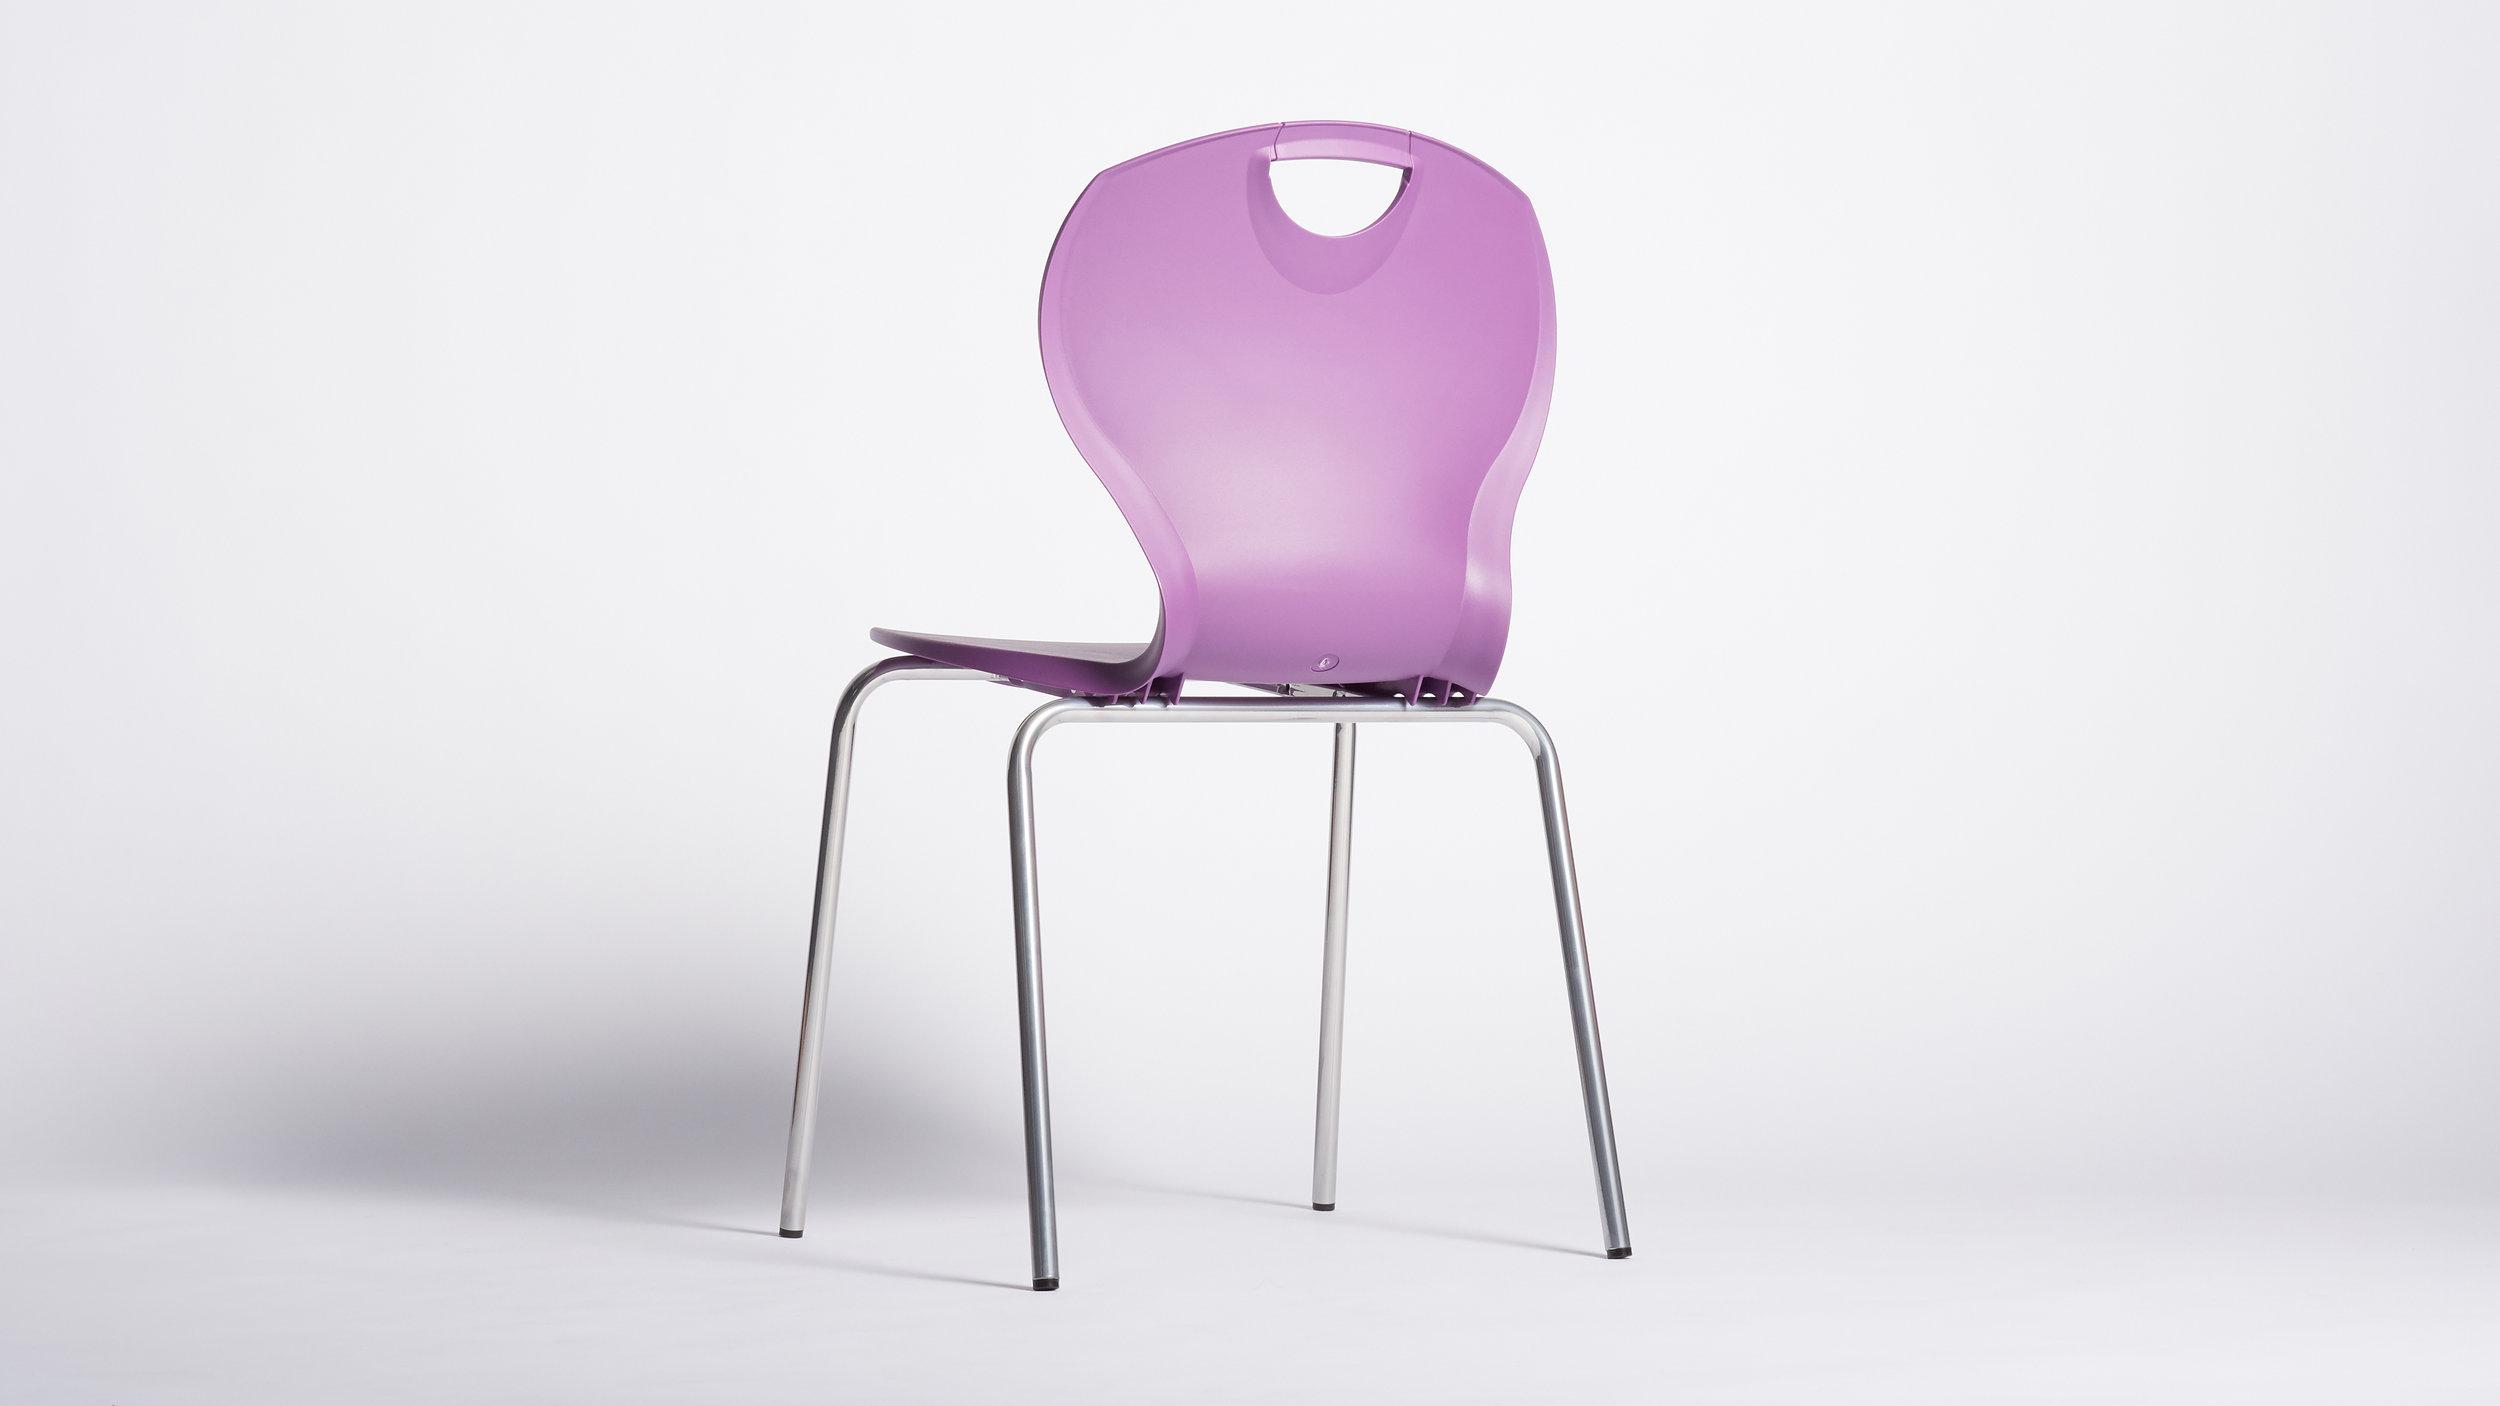 purple_chair_sanders_design